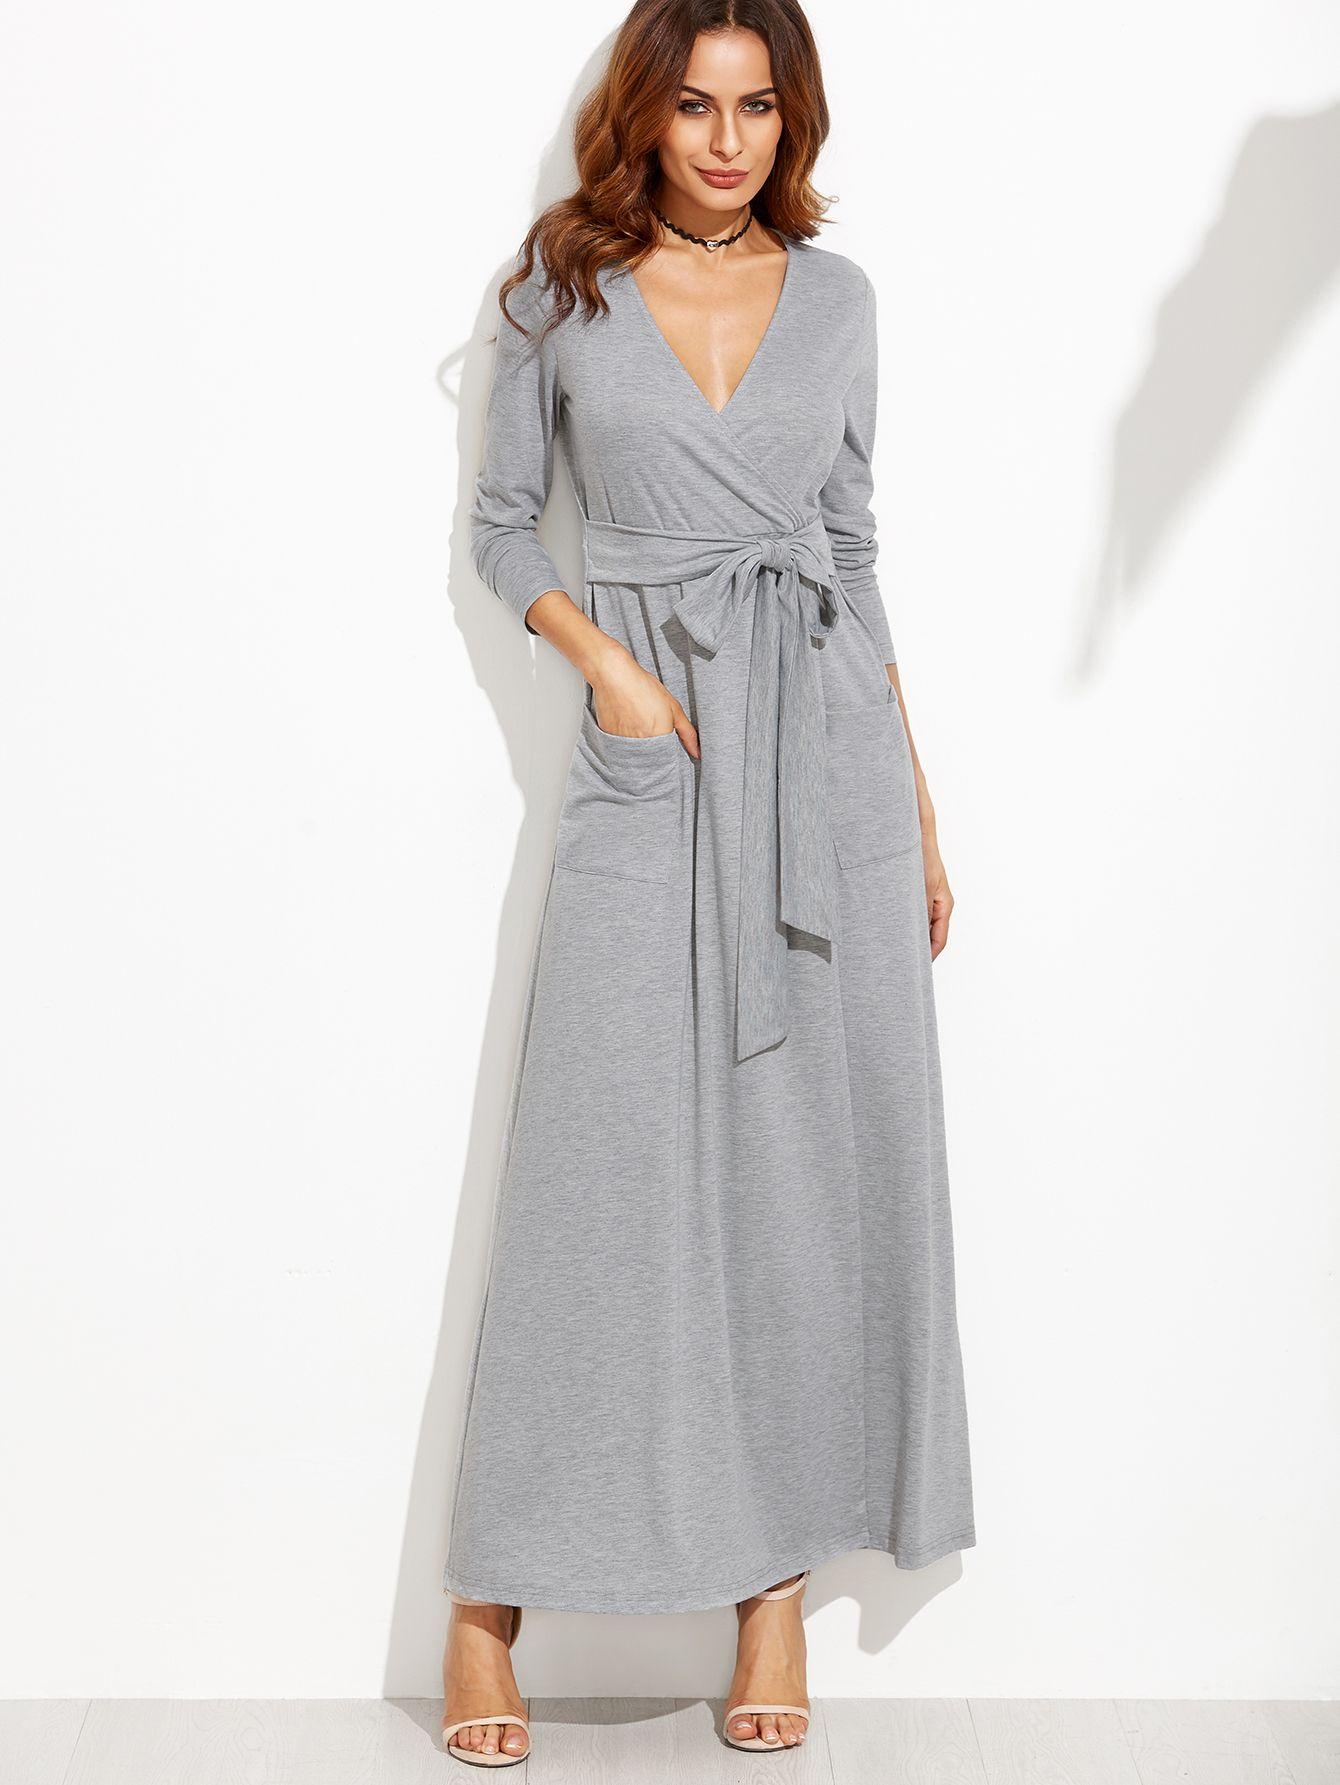 acba1429d75 Shop Heather Grey Wrap Maxi Dress With Pockets online. SheIn offers Heather  Grey Wrap Maxi Dress With Pockets   more to fit your fashionable needs.